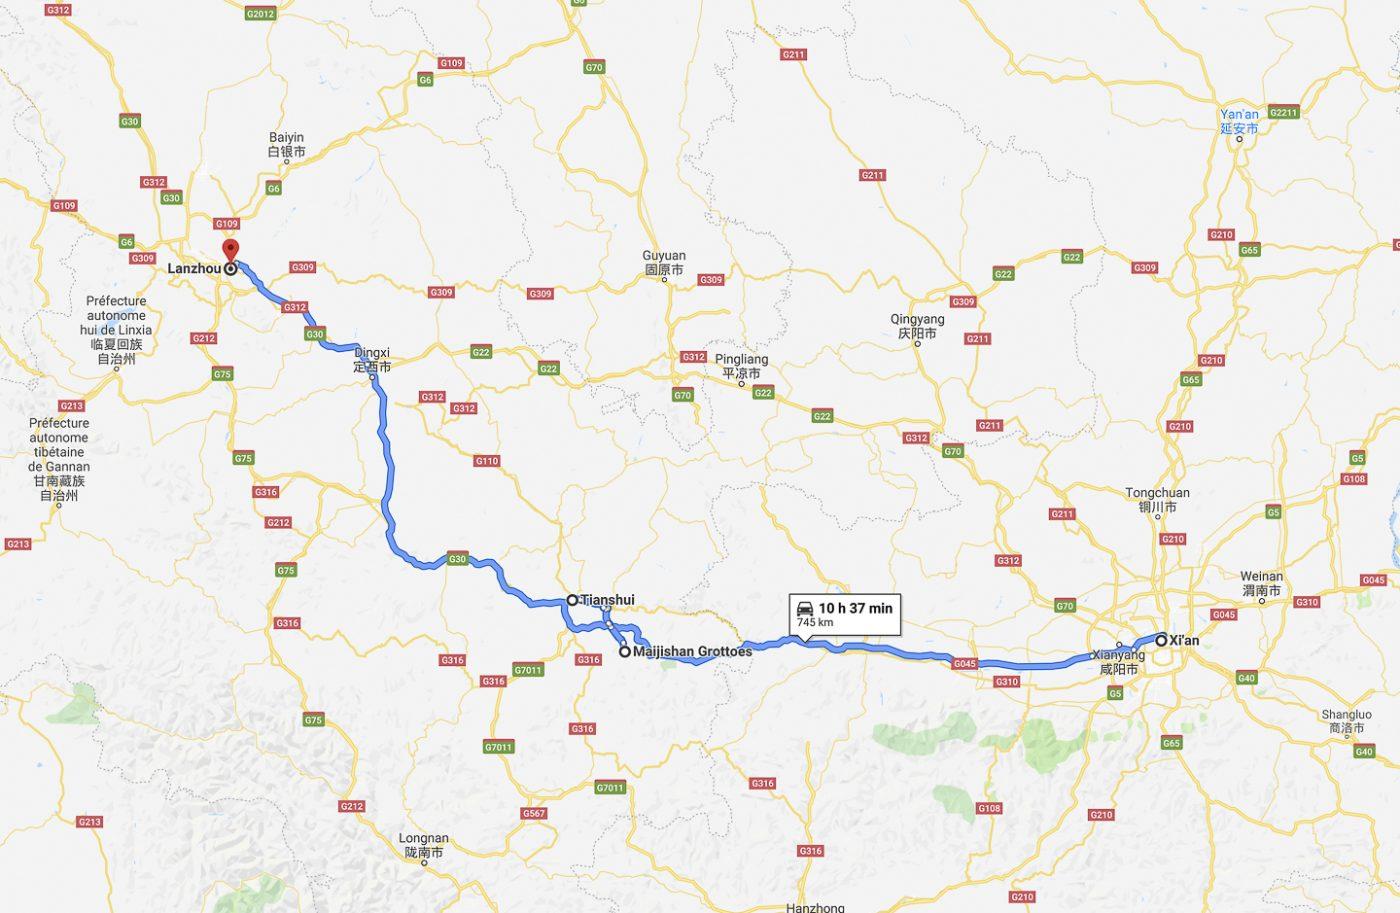 Trajet du jour de Xi'an à Lanzhou